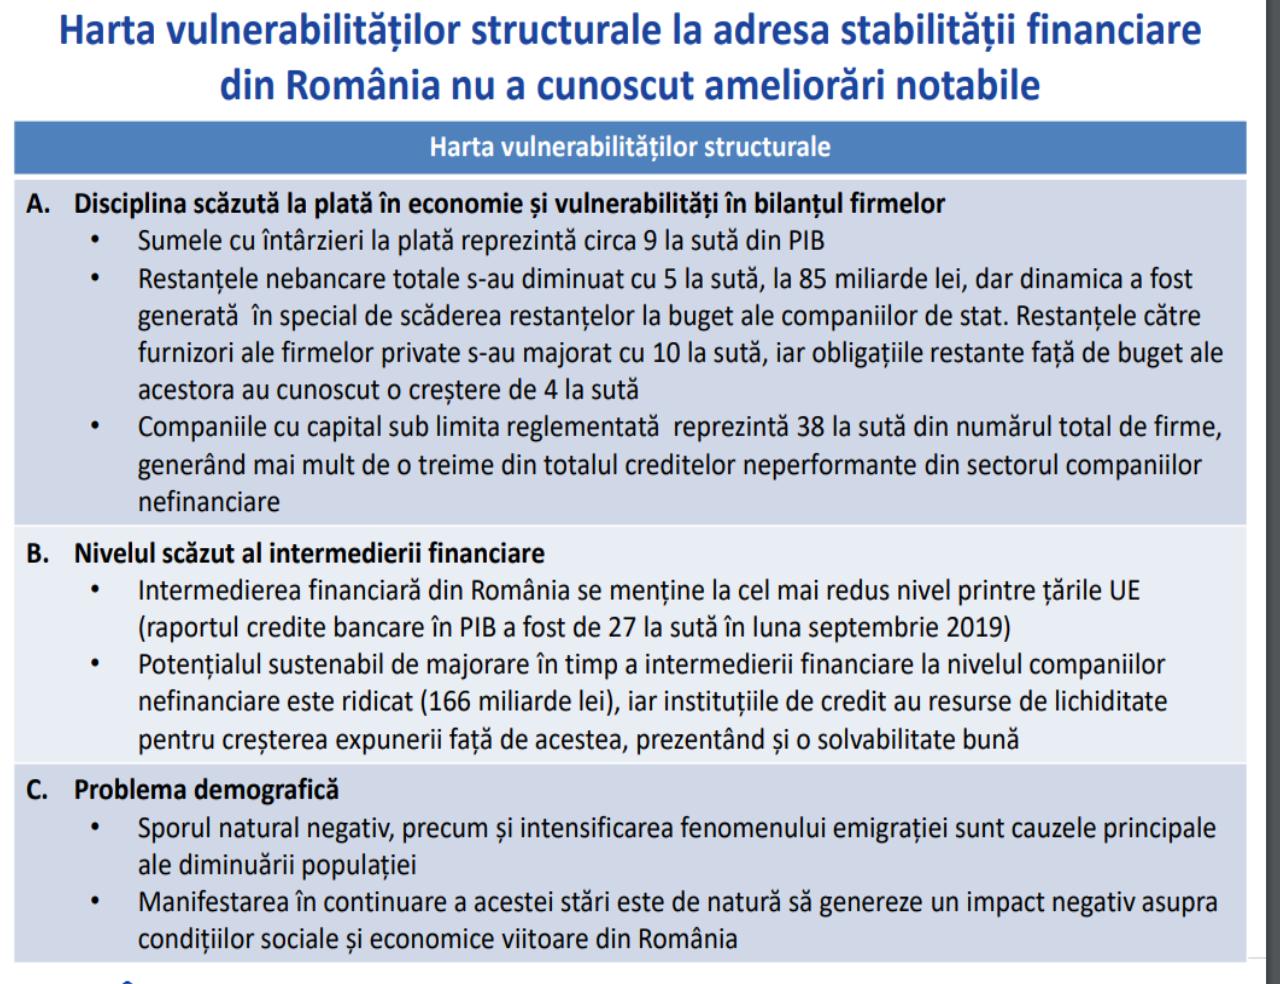 Tensionarea echilibrelor macroeconomice este principalul element generator de risc sistemic